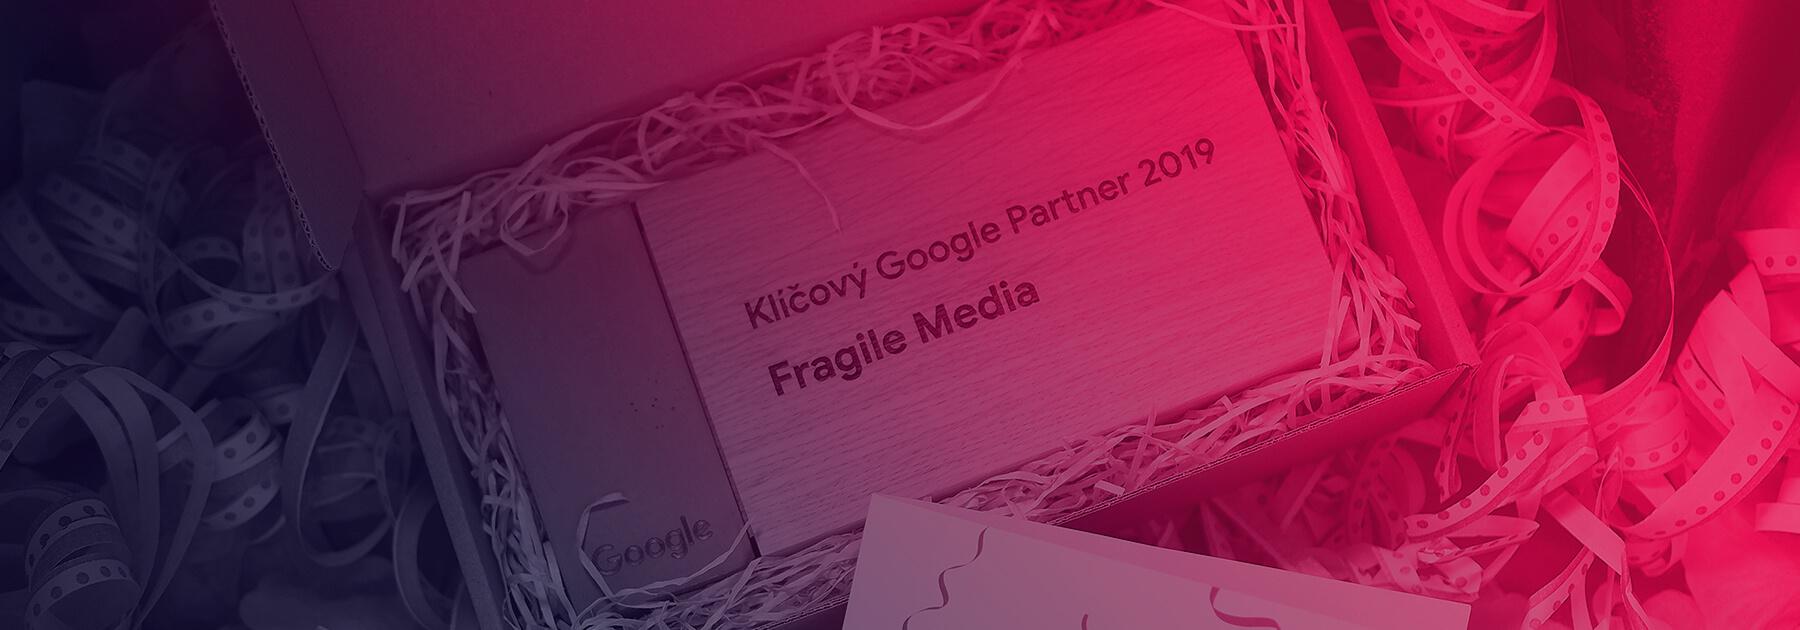 Získali jsme ocenění Klíčový Google Partner